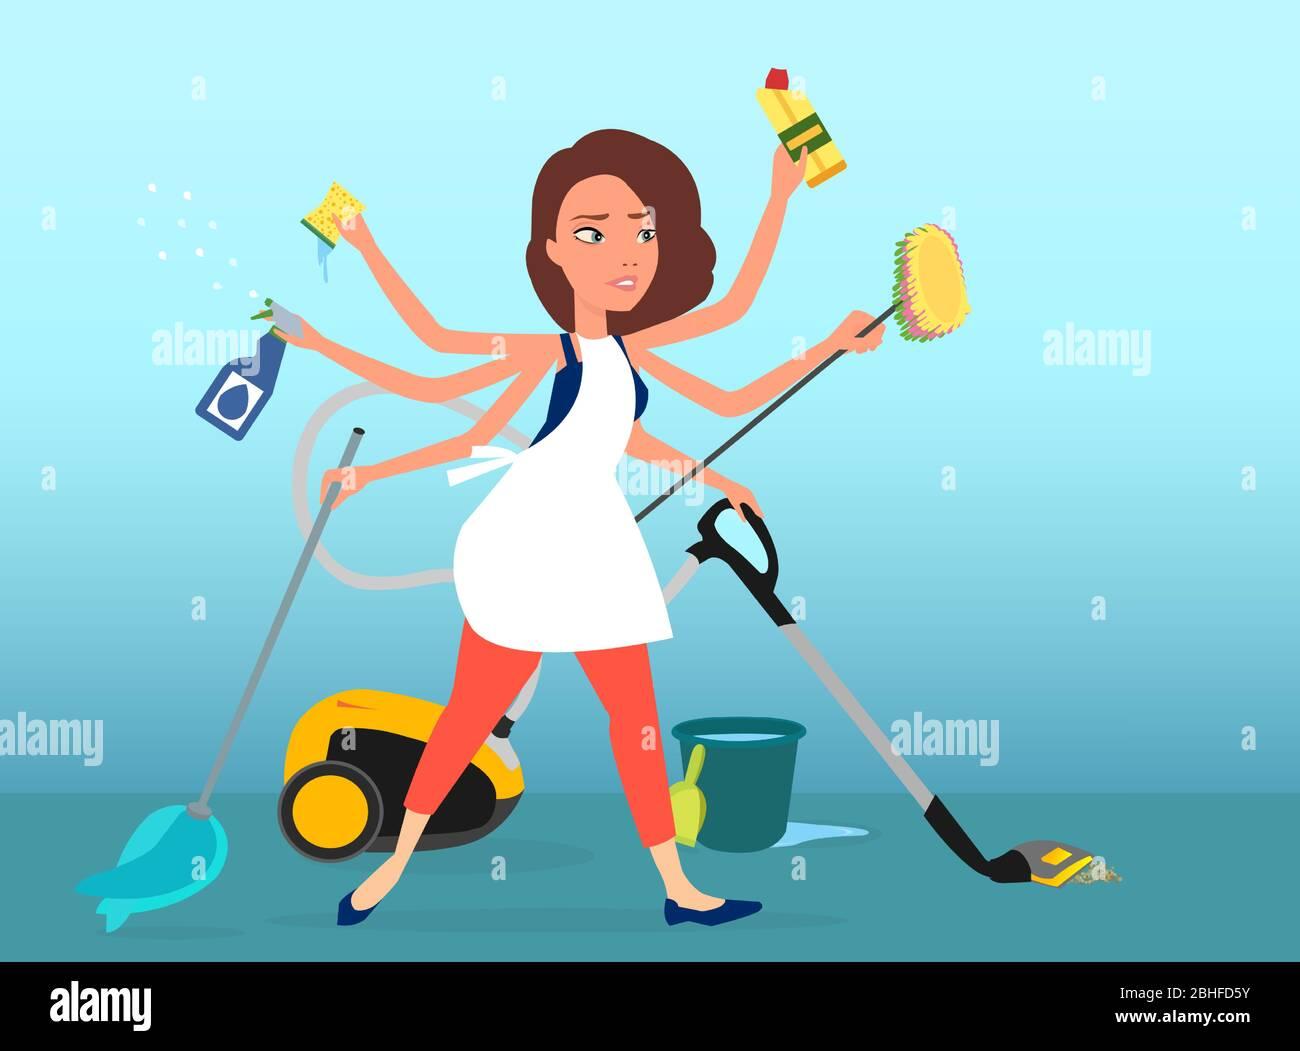 Vector De Una Mujer Multitarea Super Ocupada Lavando Aspirando Y Limpiando Su Casa Imagen Vector De Stock Alamy